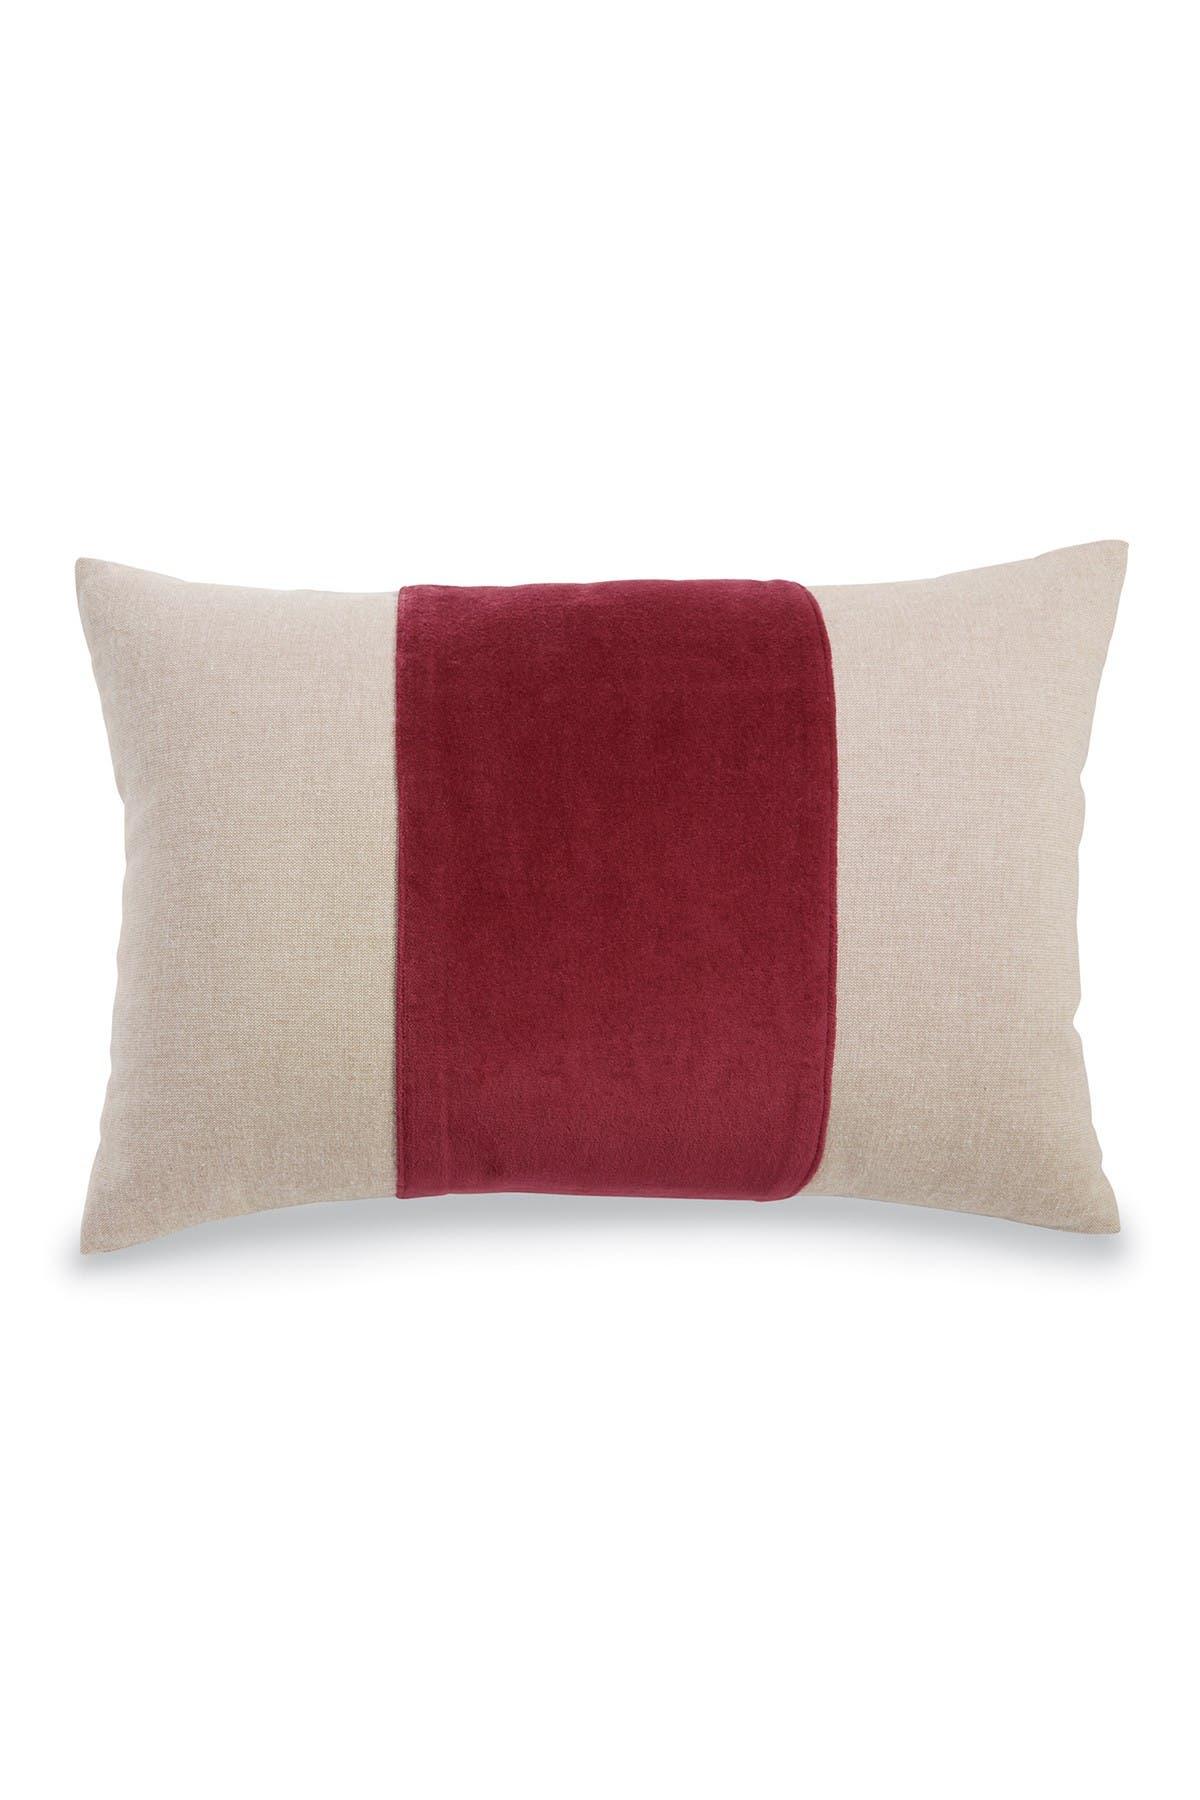 Mud Pie Rectangular Red Velvet Pillow Nordstrom Rack